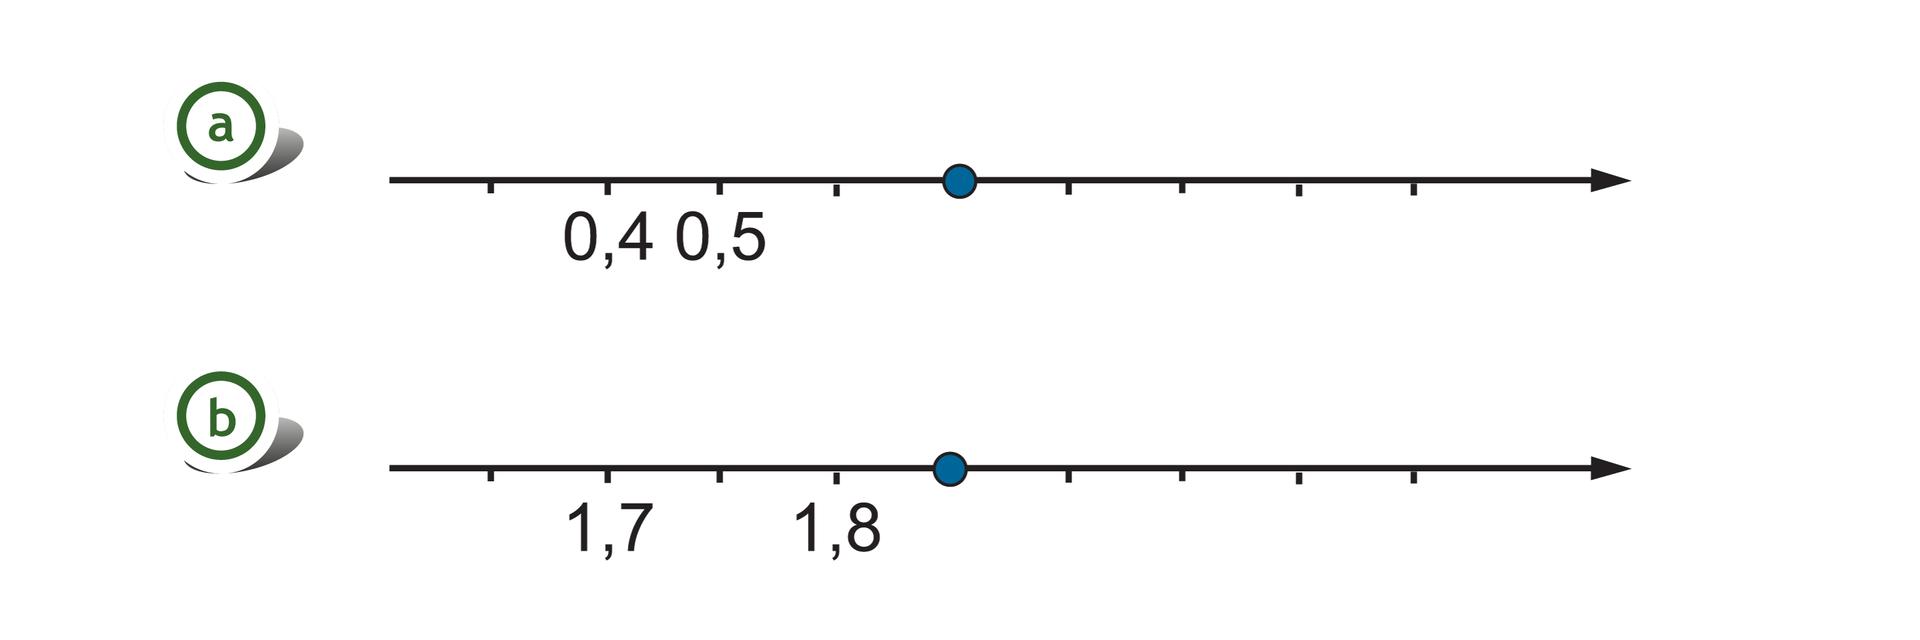 Rysunek dwóch osi liczbowych. Na pierwszej osi zaznaczone punkty 0,4 i0,5. Odcinek jednostkowy równy 0,1. Szukany punkt wyznacza dwie części za punktem 0,5. Na drugiej osi zaznaczone punkty 1,7 i1,8. Odcinek jednostkowy równy 0,5. Szukany punkt wyznacza jedną część za punktem 1,8.